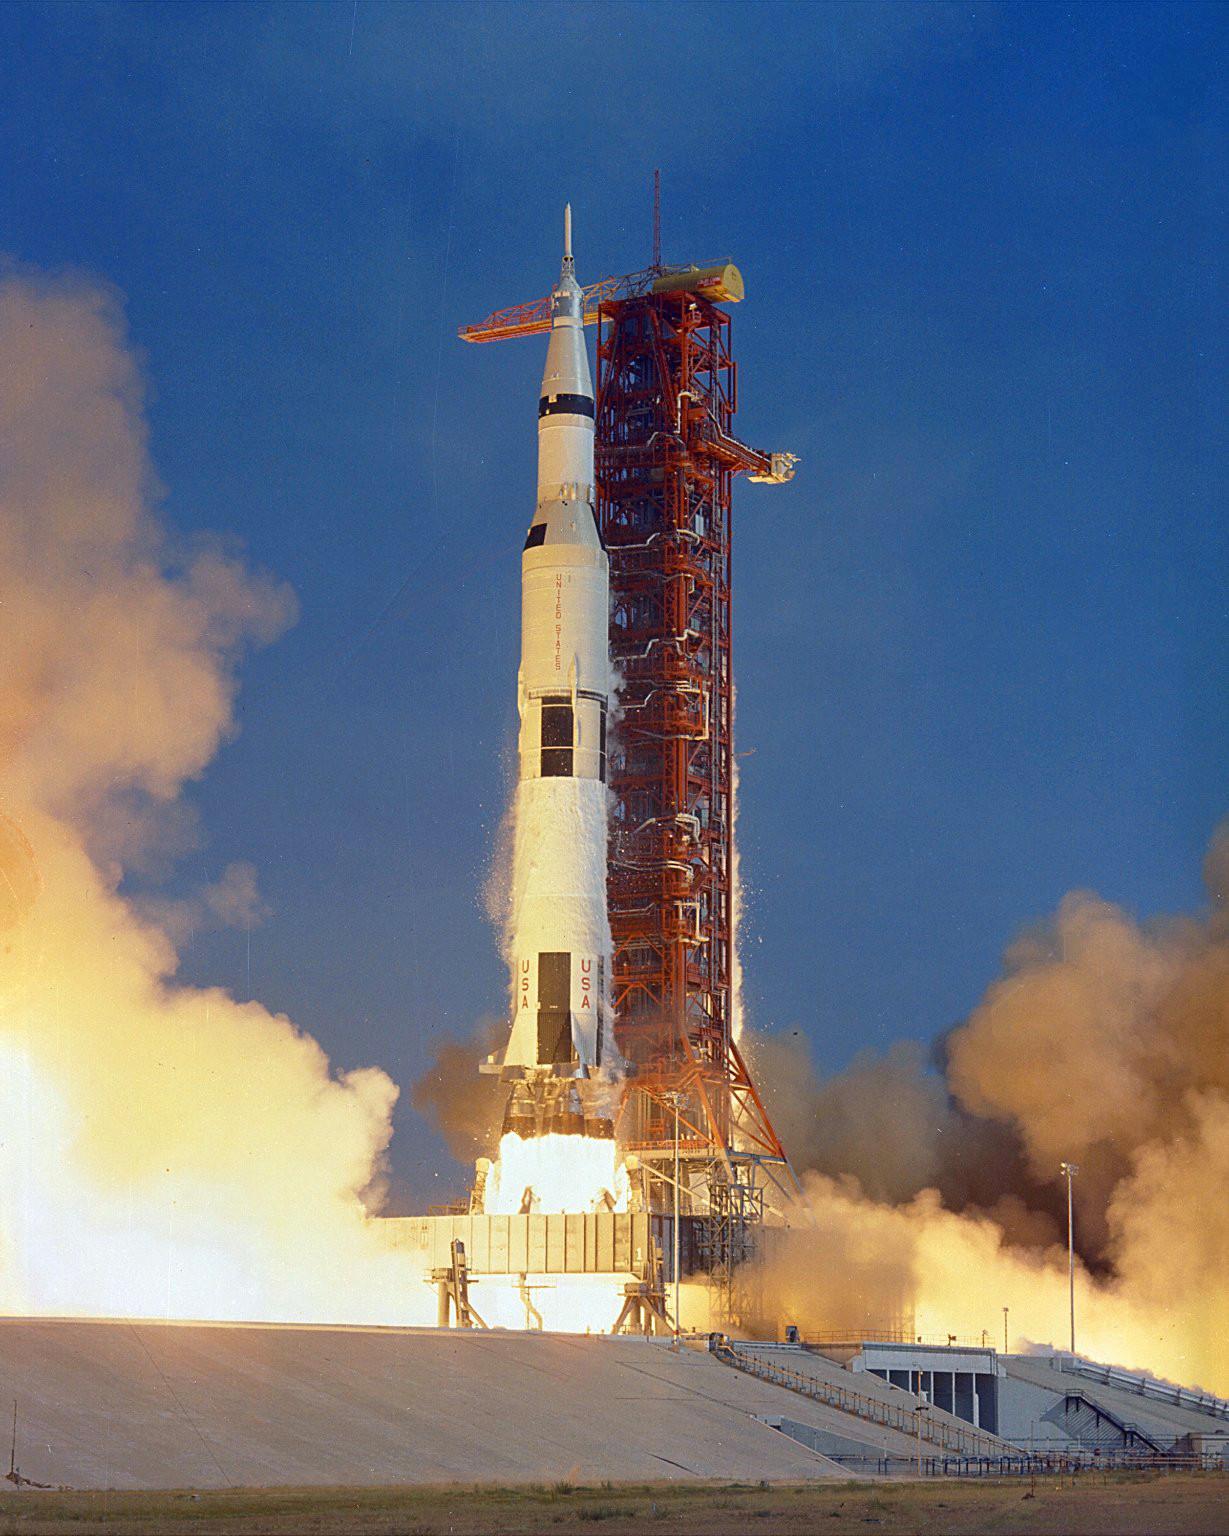 O veículo espacial Apollo 11 Saturn V decola com os astronautas Neil Armstrong, Michael Collins e Edwin